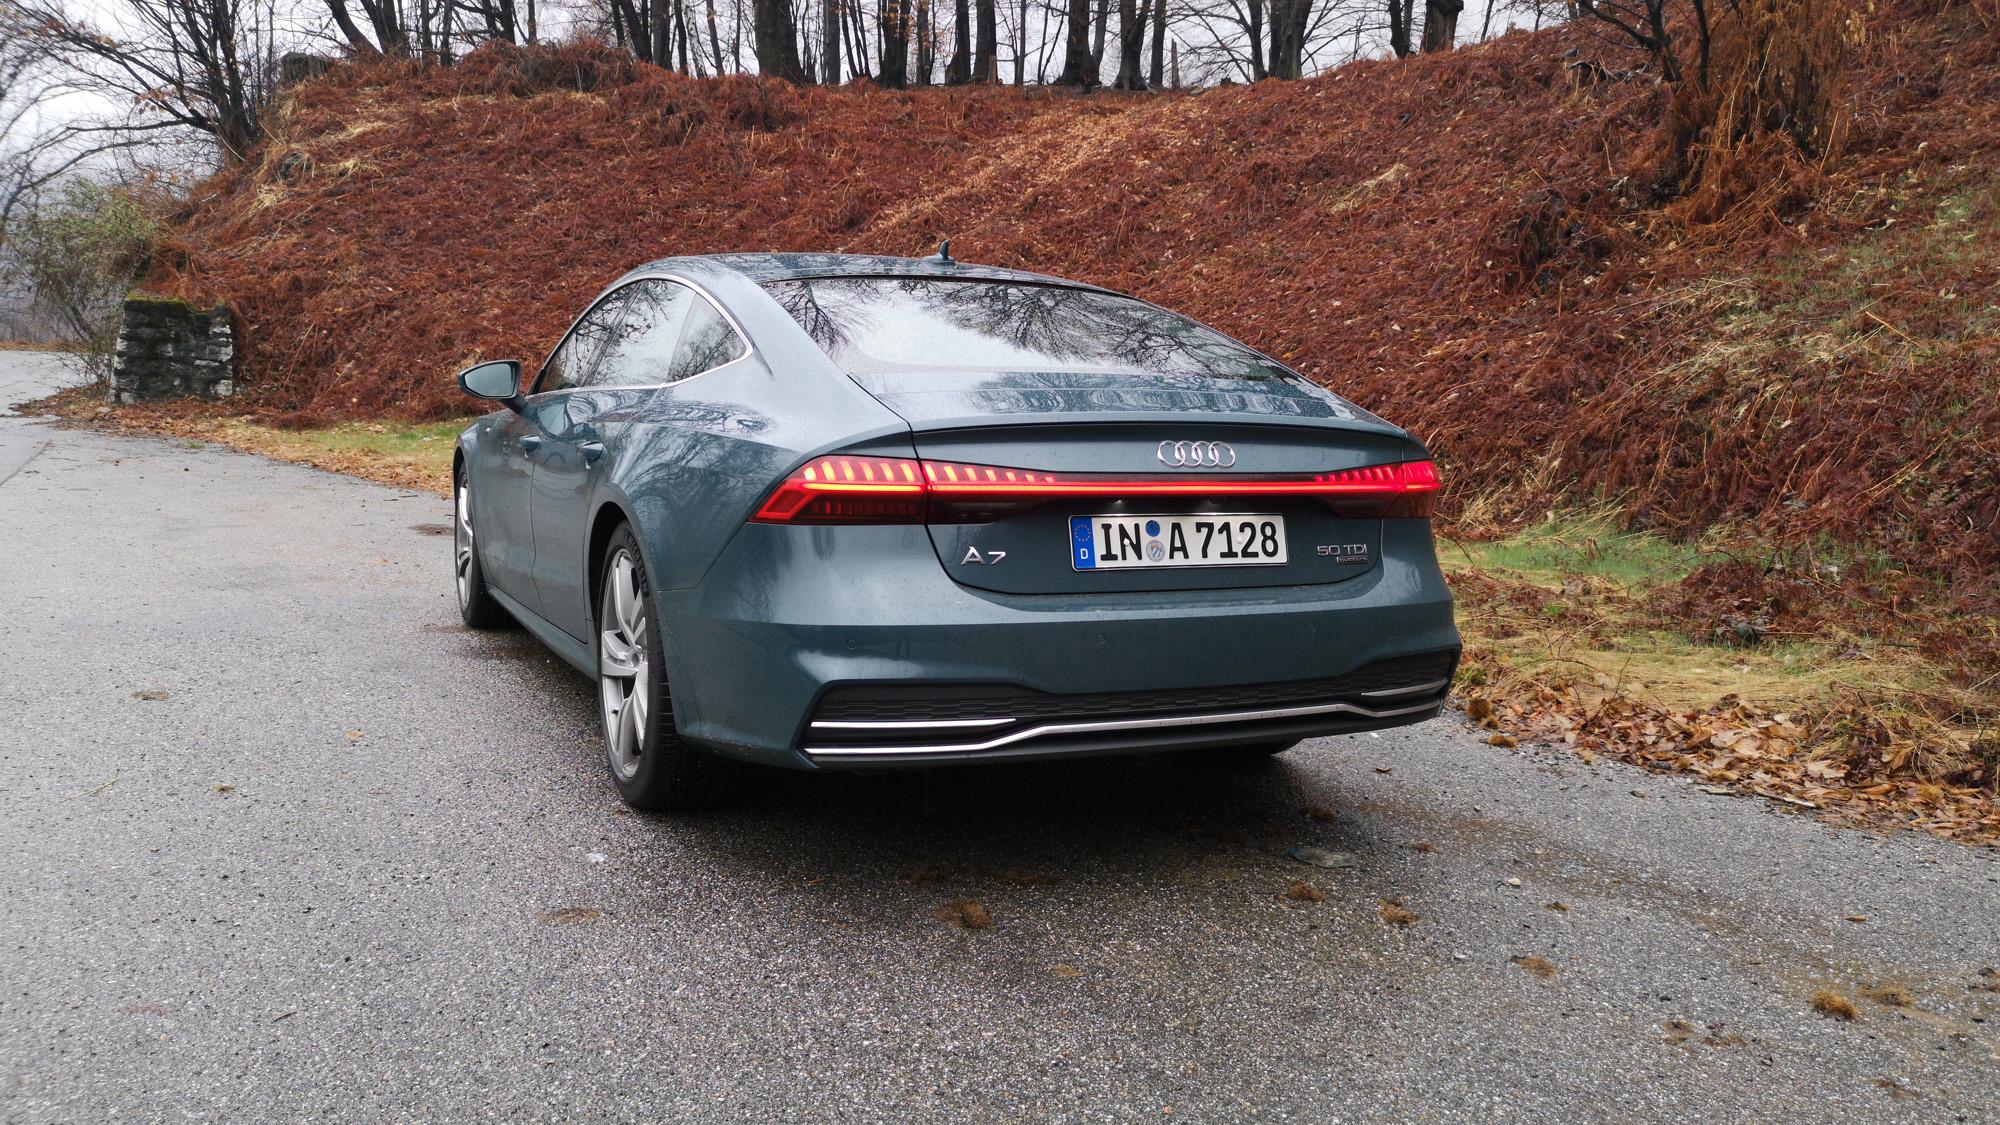 De Audi SportbackLe La Coupé Essai Nouvelle Conjugué 4 A7 Portes fIym6Y7gvb